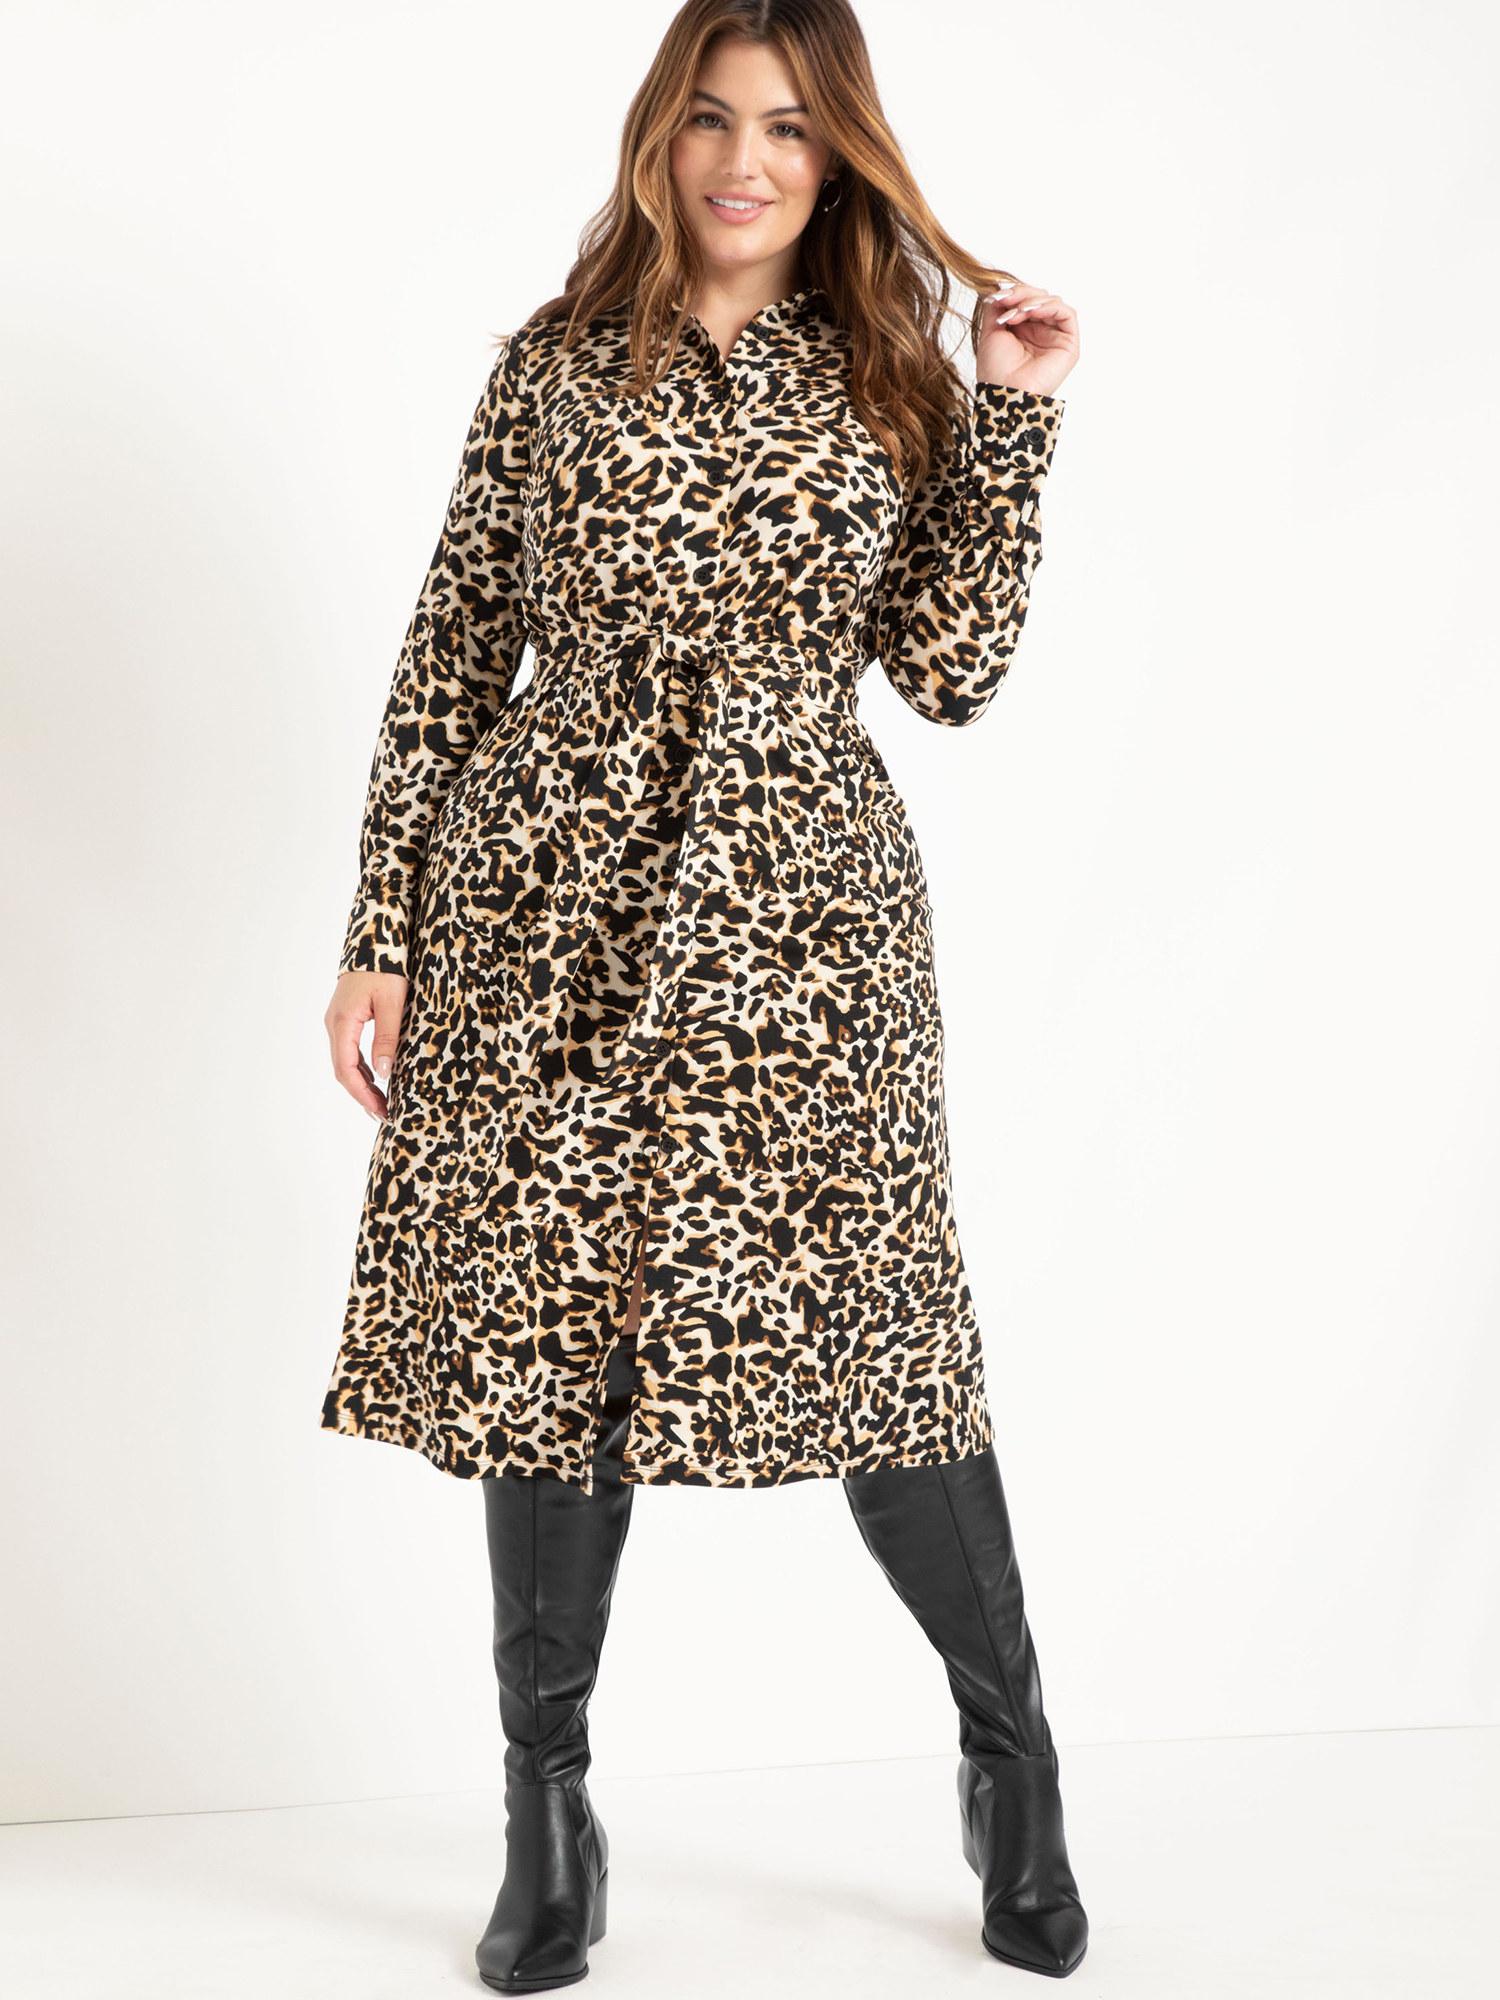 Model wearing the leopard print dress